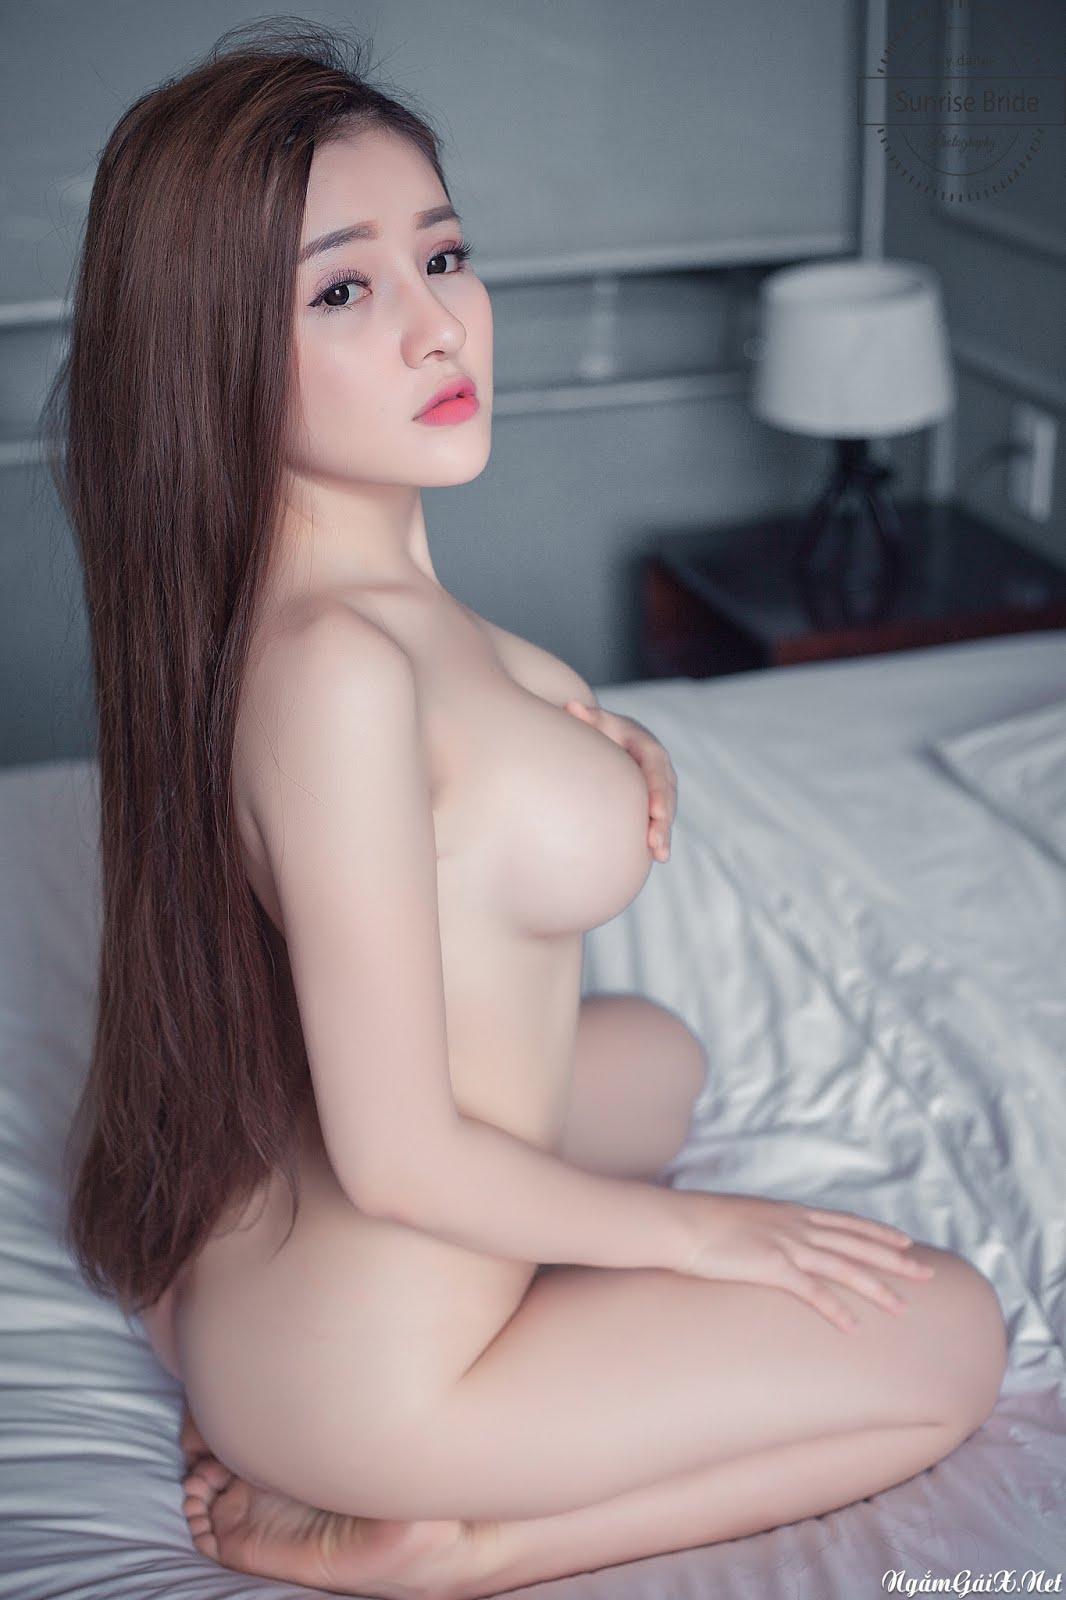 ngamgaix.net-ngan98-mon-2k-lo-anh-sex-12.jpg